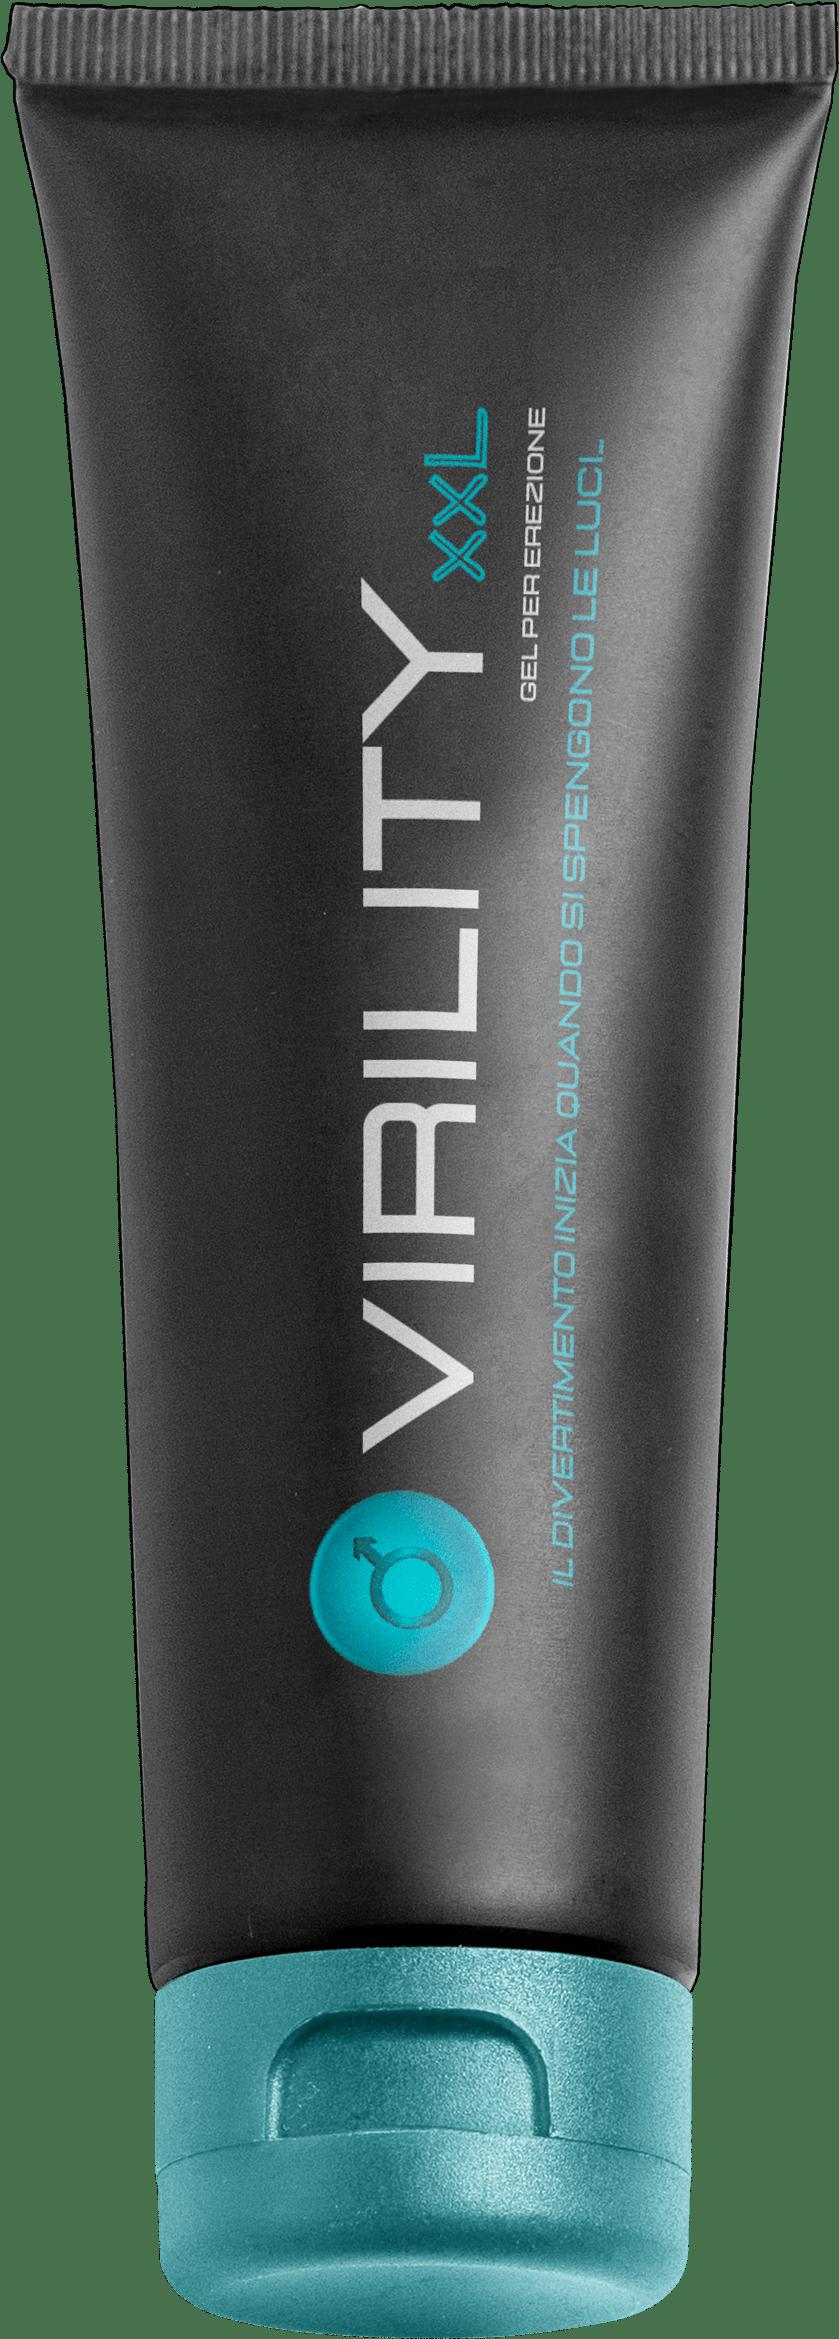 Virility XXL Gel, opinioni, forum, sito ufficiale, prezzo, funziona, originale